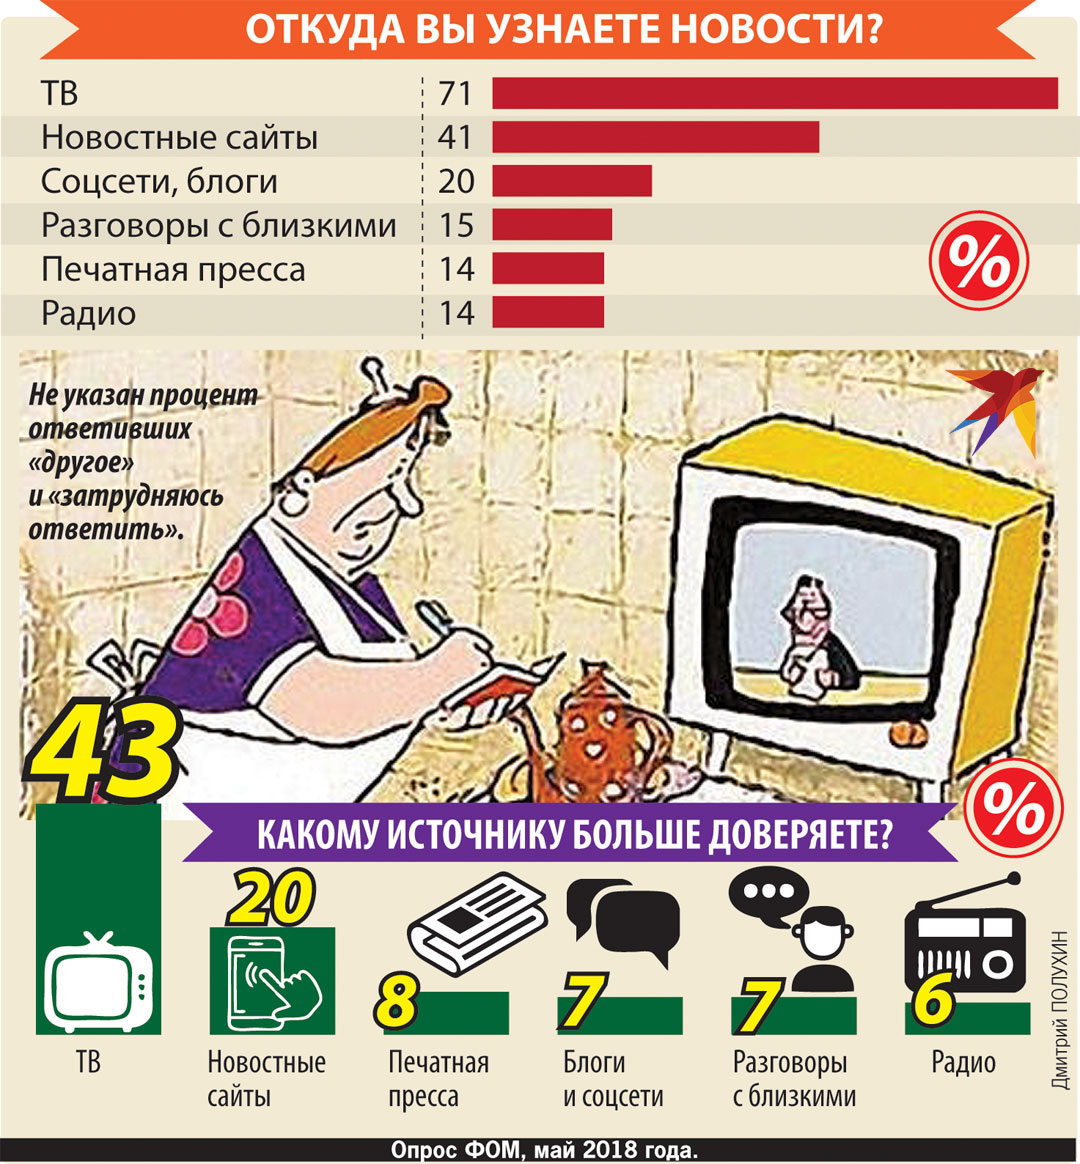 82b7ed357e0 По всем вопросам о переходе на цифровое телевидение можно обращаться на  горячую линию Российской телевизионной и радиовещательной сети   8-800-220-20-02.